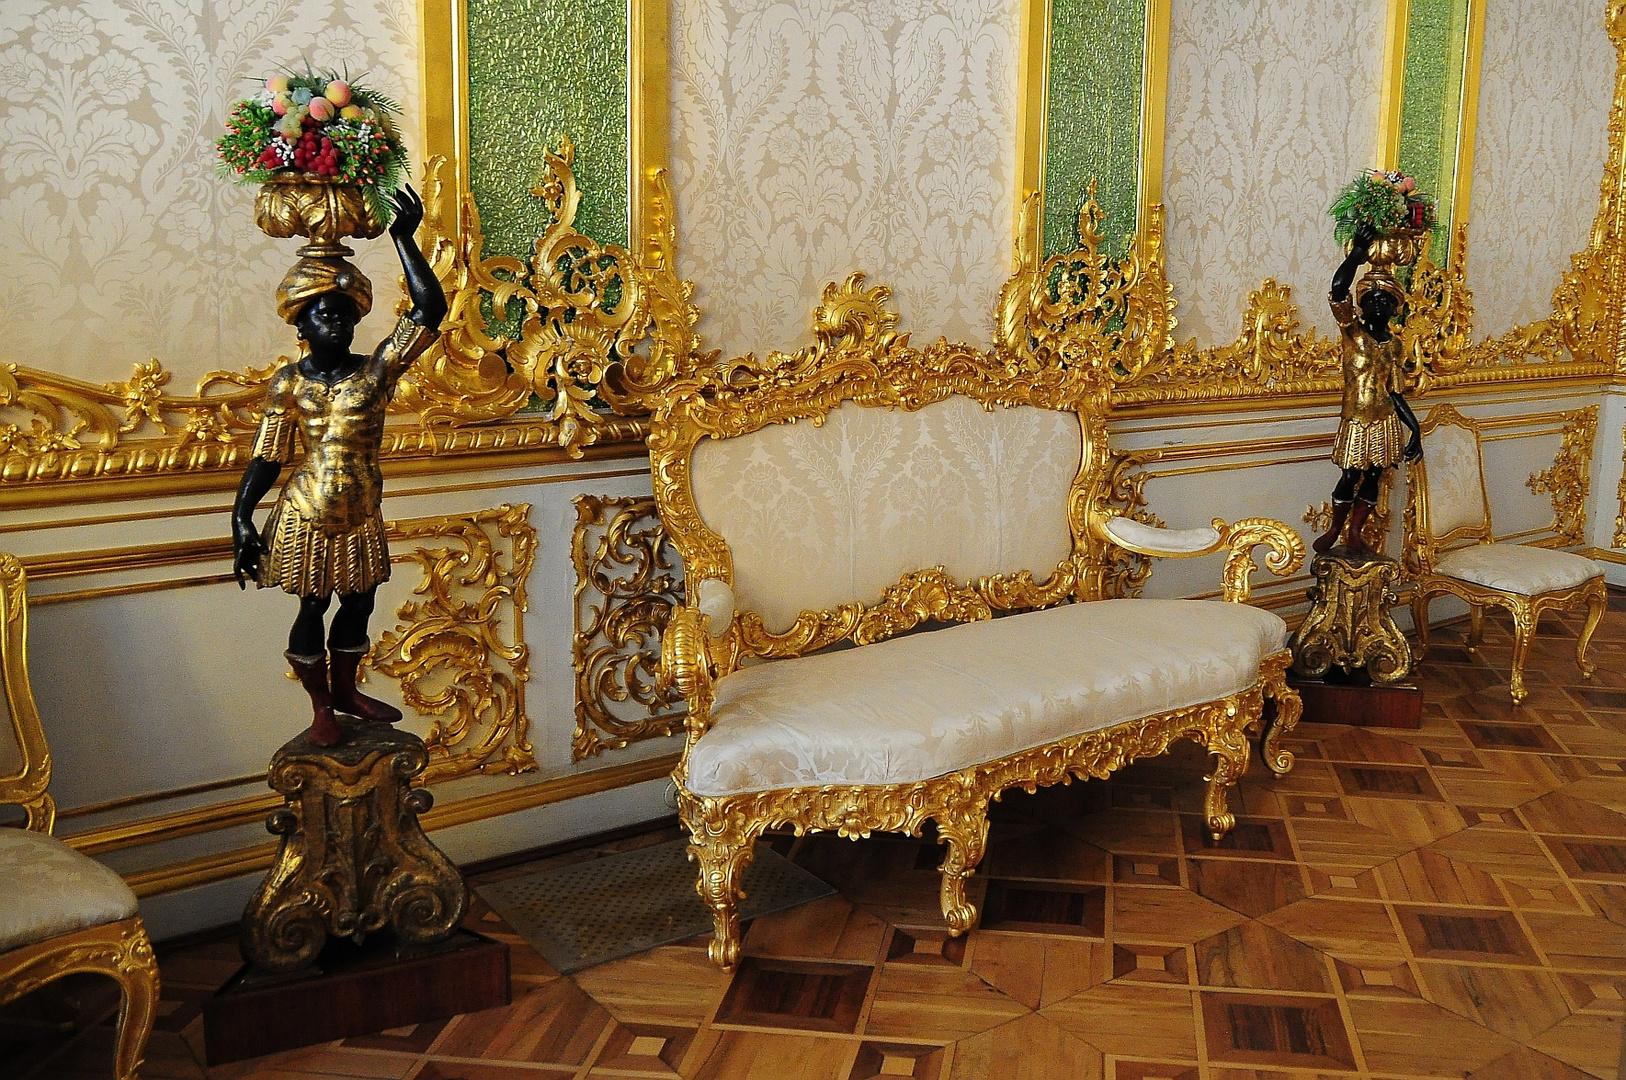 St. Petersburg (12) - Katharinen-Palast, Puschkin